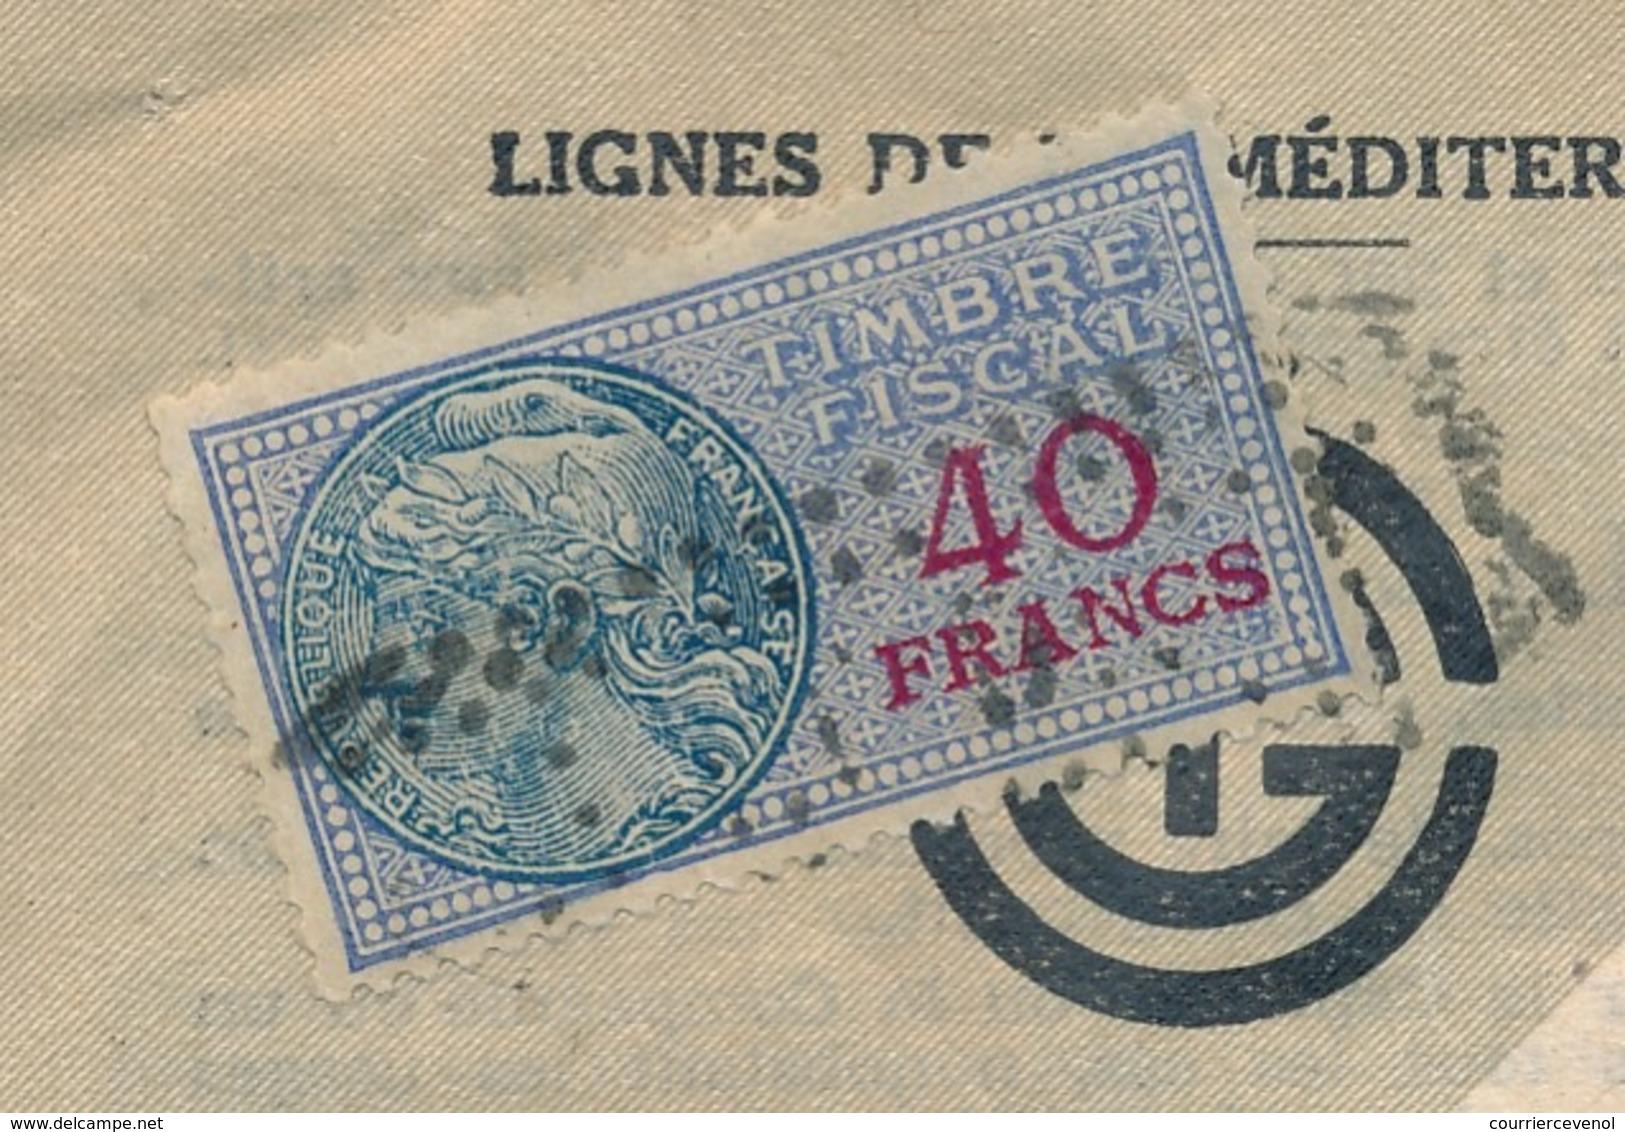 ALGERIE - FISCAUX 20F Type Médaillon De Daussy X 11 Ex (Compagnie Générale Transatlantique - 1949) Sur Doc Entier - Algérie (1924-1962)